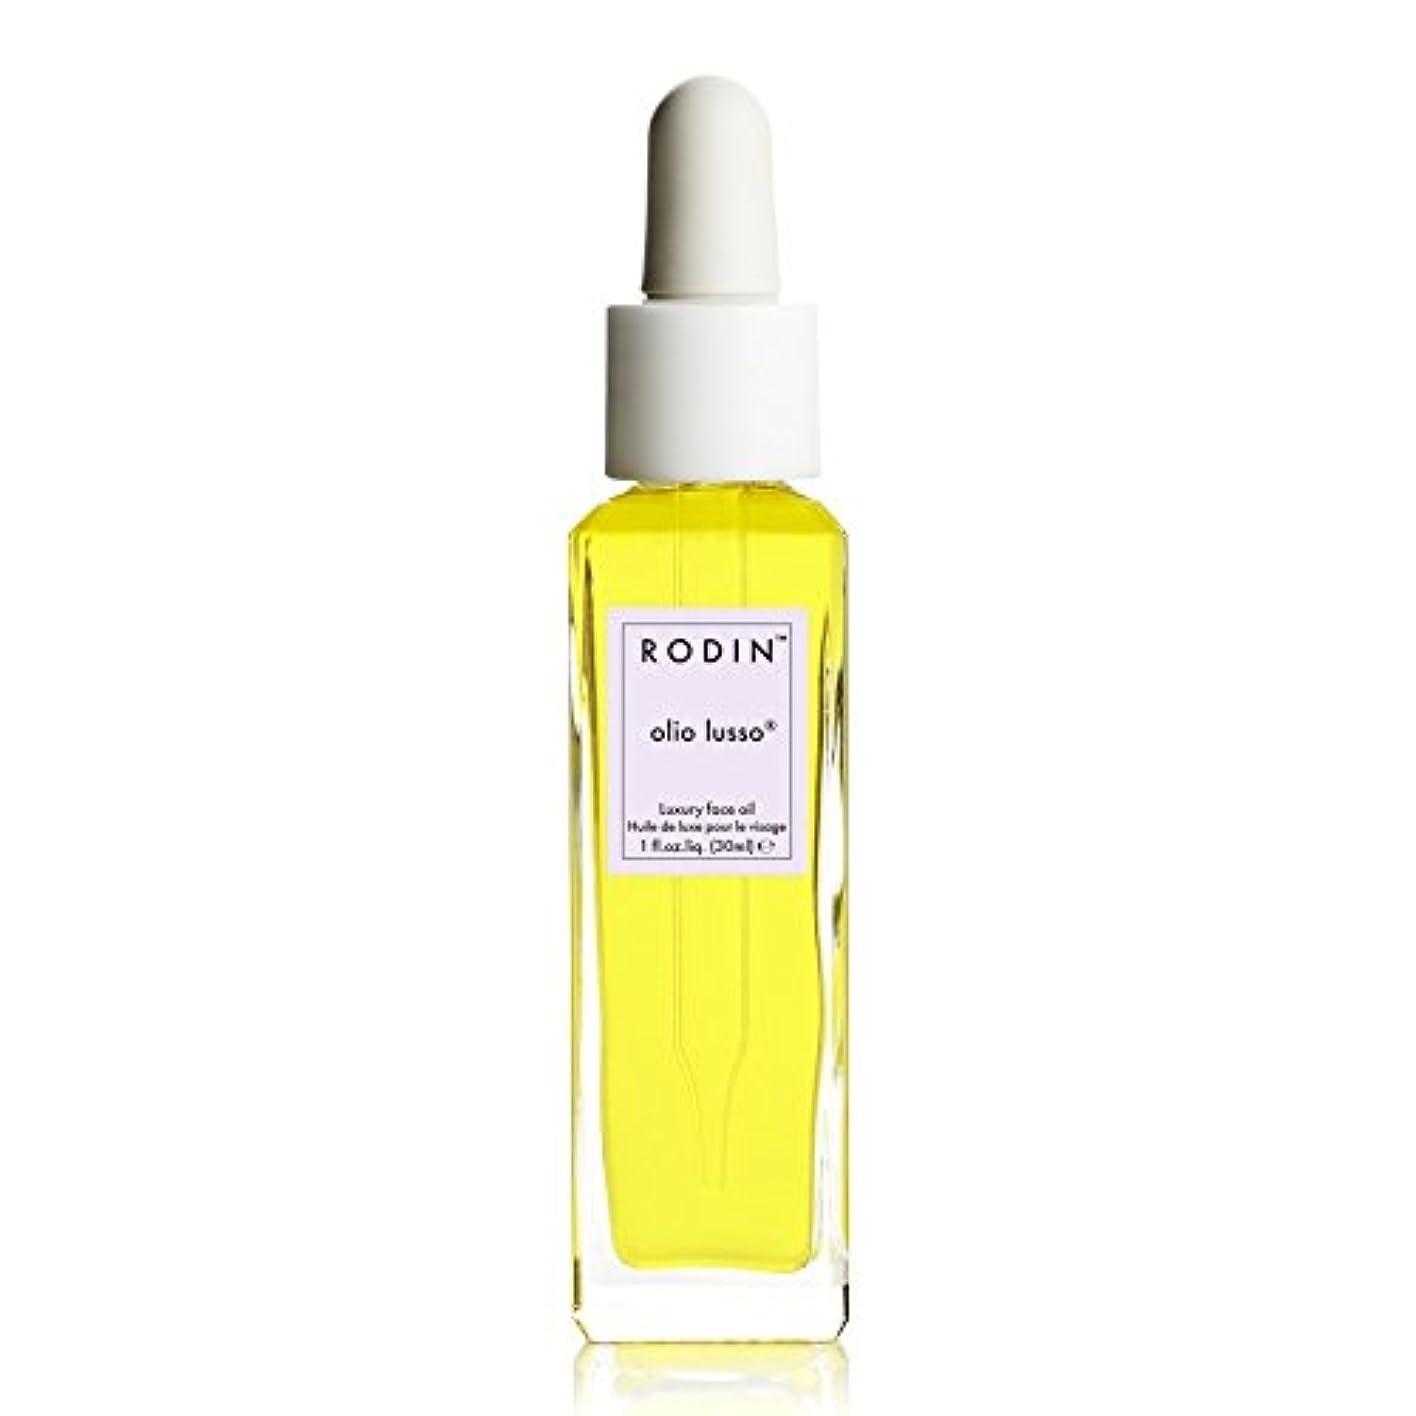 スタンドネックレット歯ロダンルッソラベンダー絶対贅沢な顔オイル30ミリリットル x4 - RODIN olio lusso Lavender Absolute Luxury Face Oil 30ml (Pack of 4) [並行輸入品]